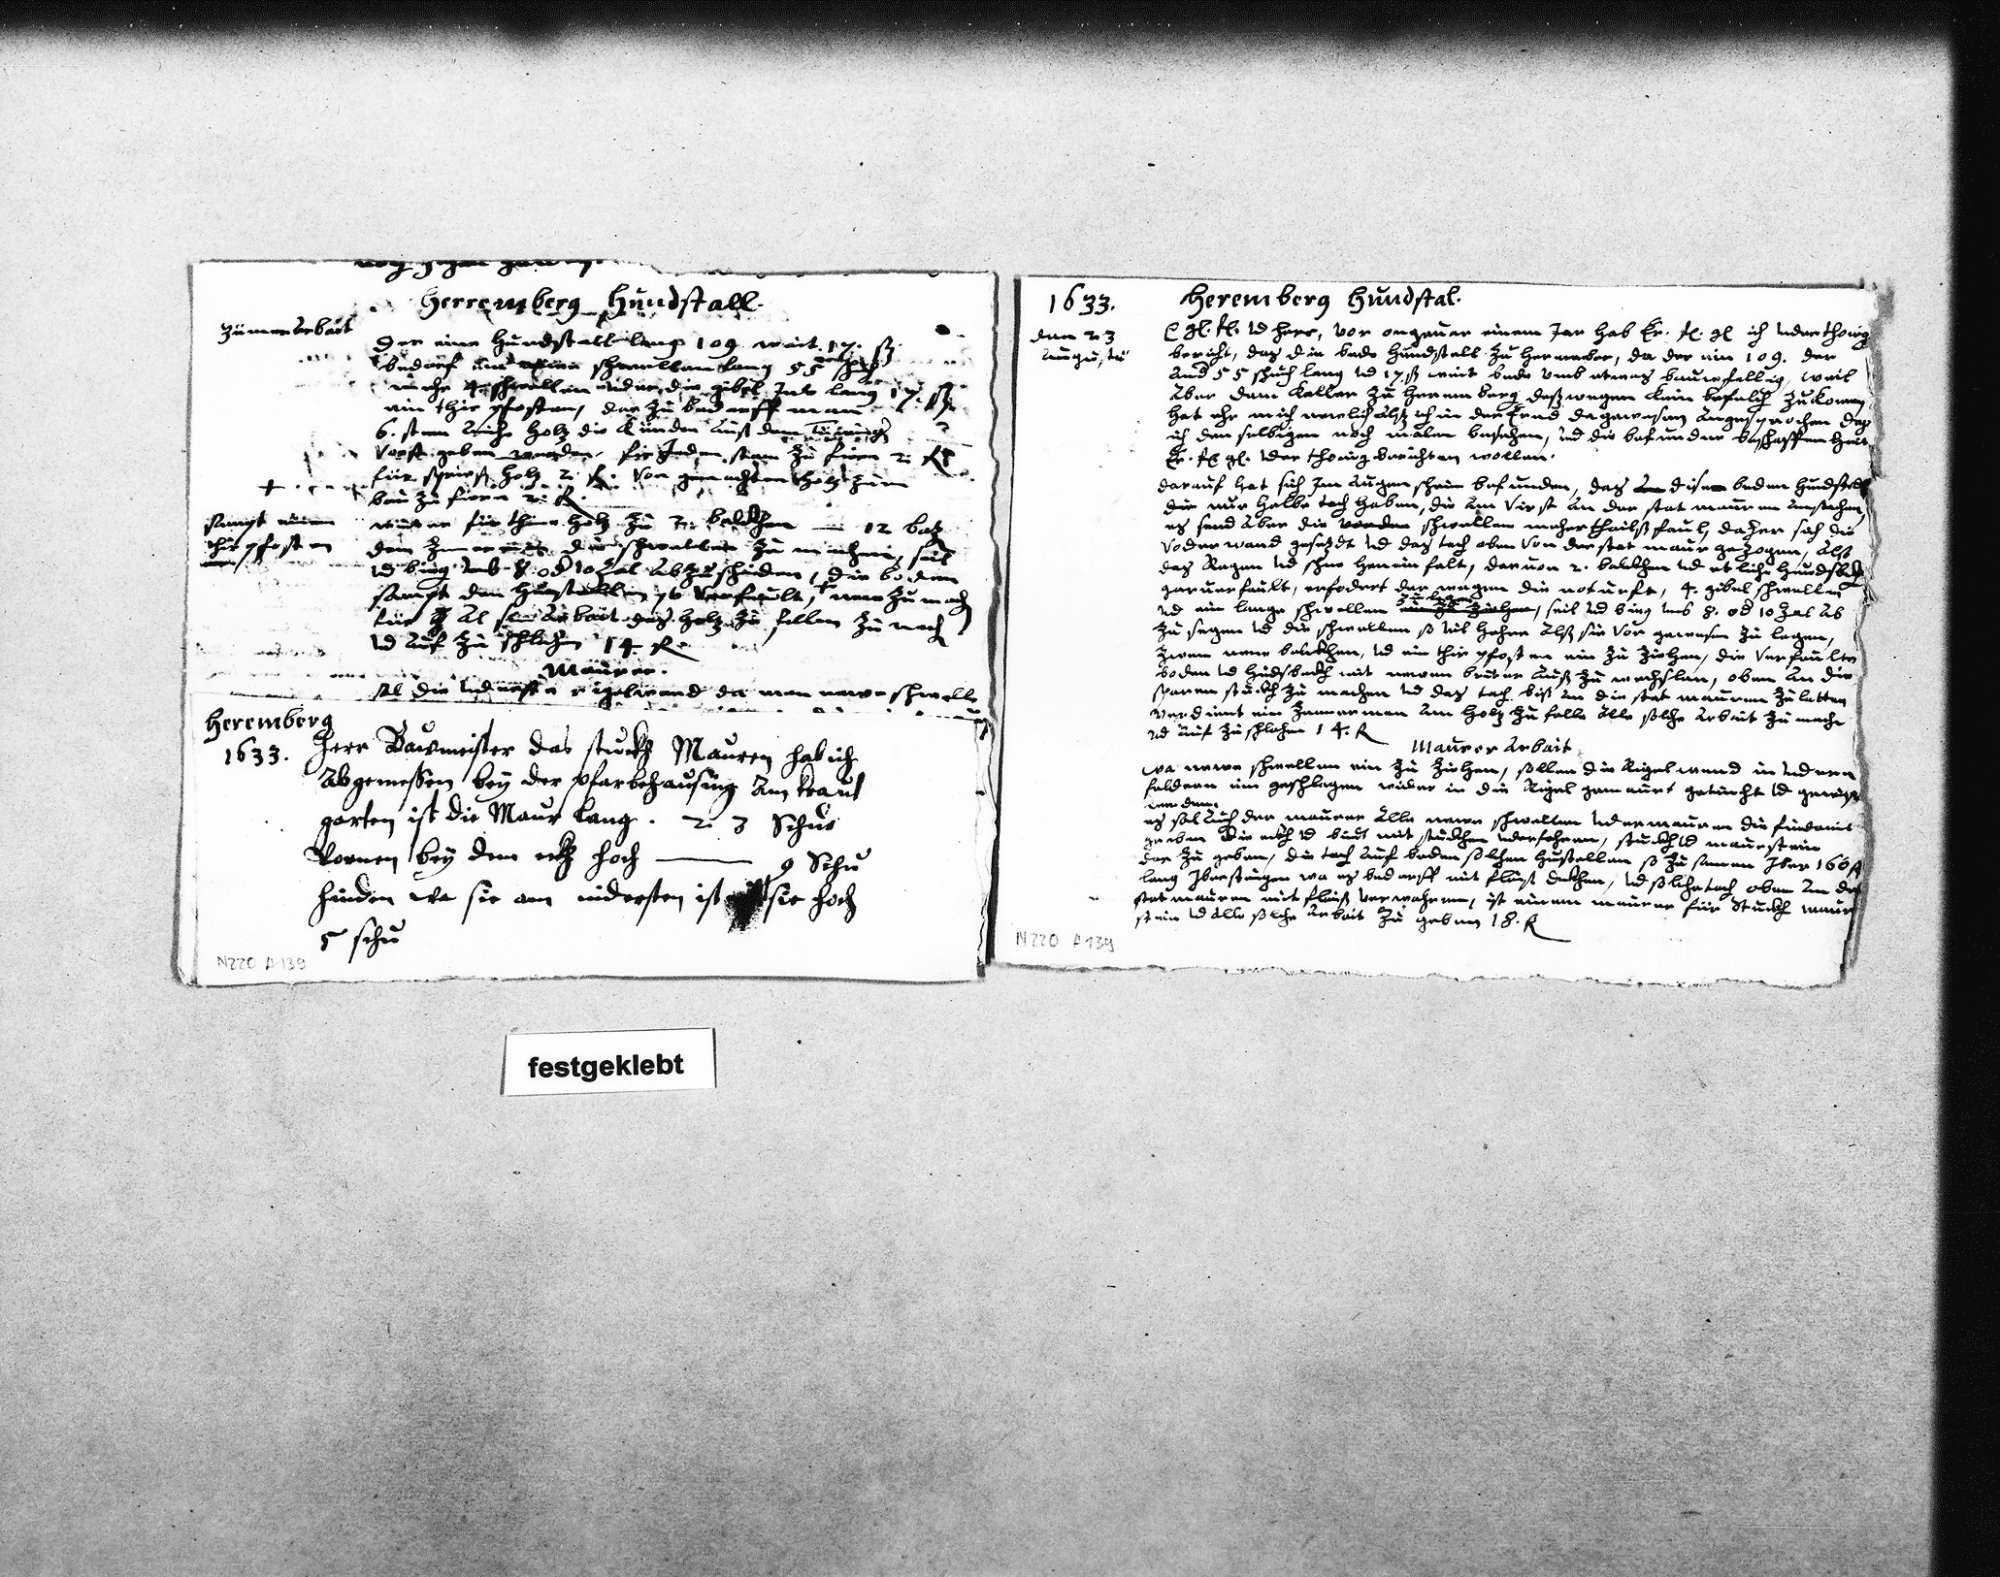 Gutachten und Kostenvoranschlag für die Erneuerung der beiden Hundezwinger am Schloss, 23. August 1633 (Quart); Notizen (Quart) mit aufgeklebtem Zettel zur Mauer im Garten des Pfarrhauses, Bild 2